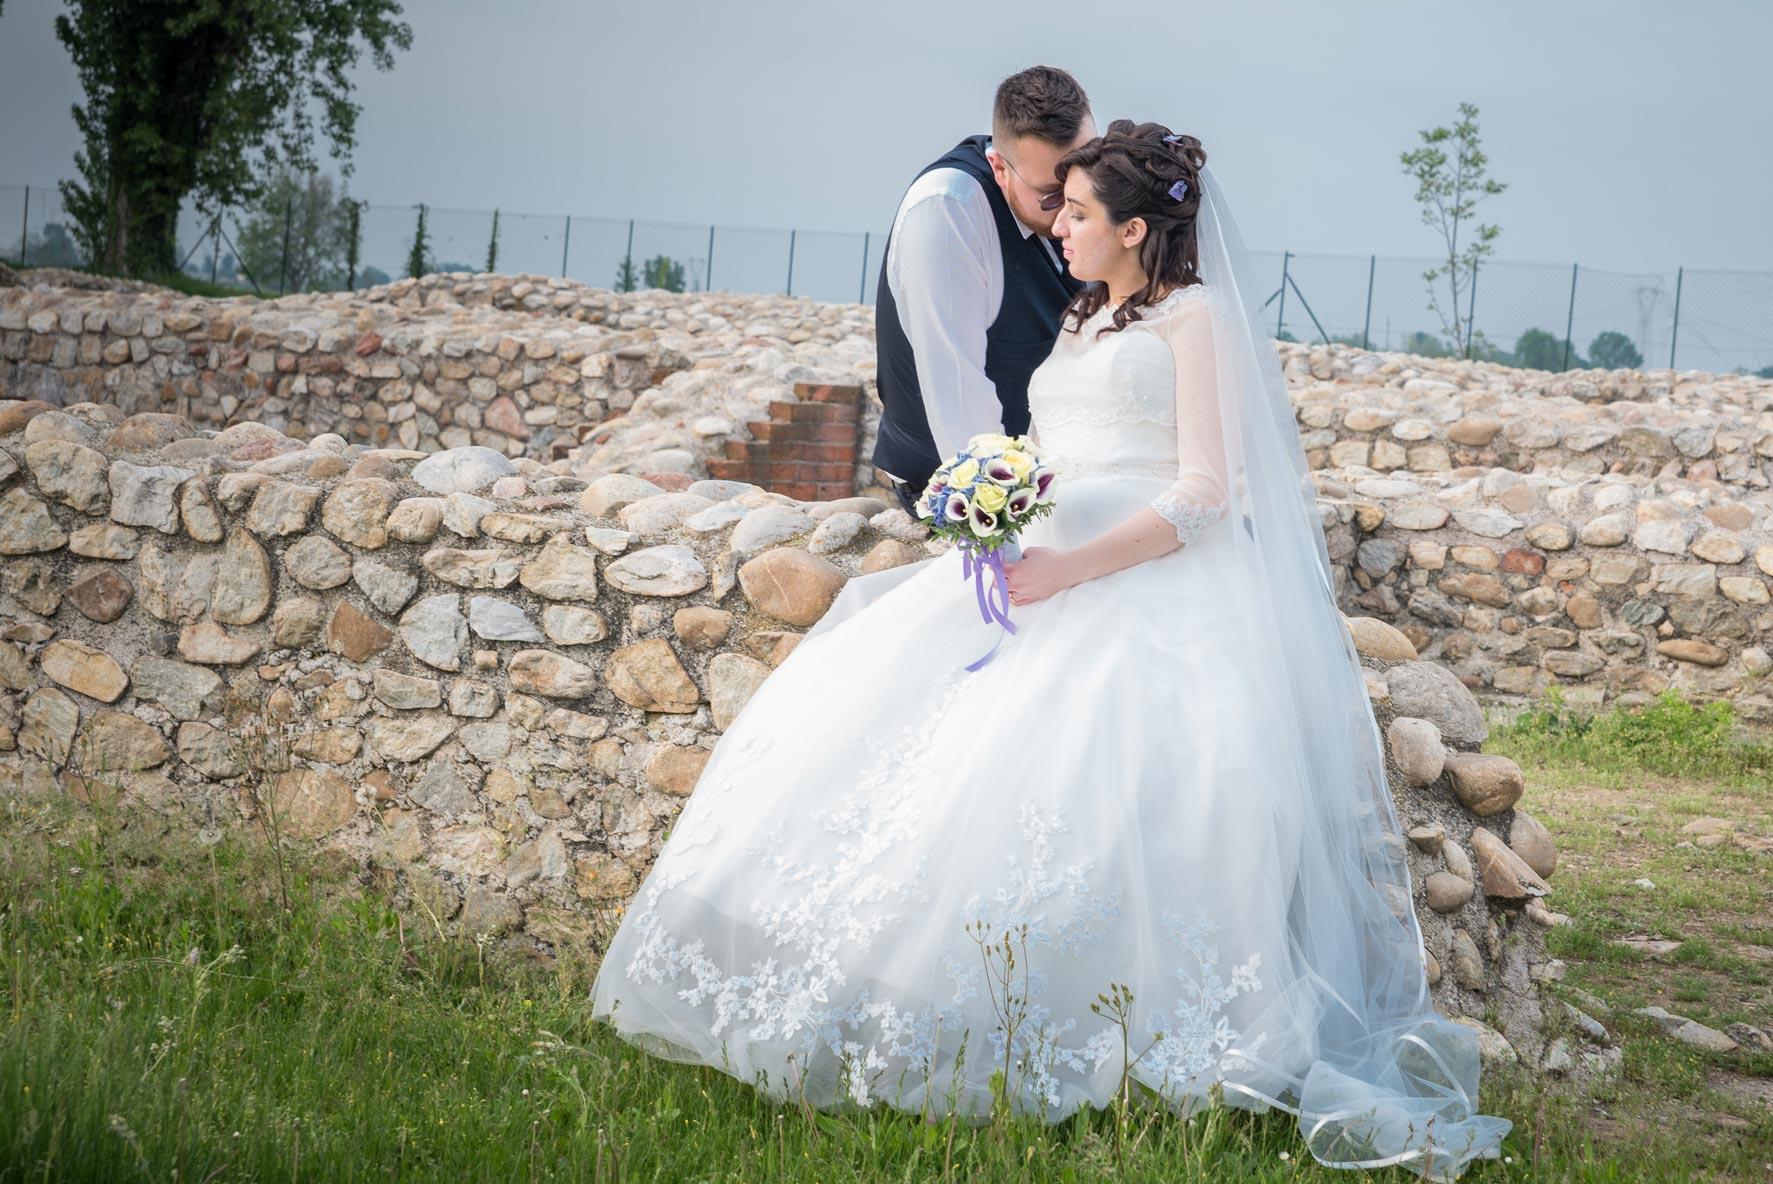 Matrimonio a Narzole Lorenza Diego - DSC 3289 - Fotografie matrimonio Resti Romani - Fotografie matrimonio Resti Romani